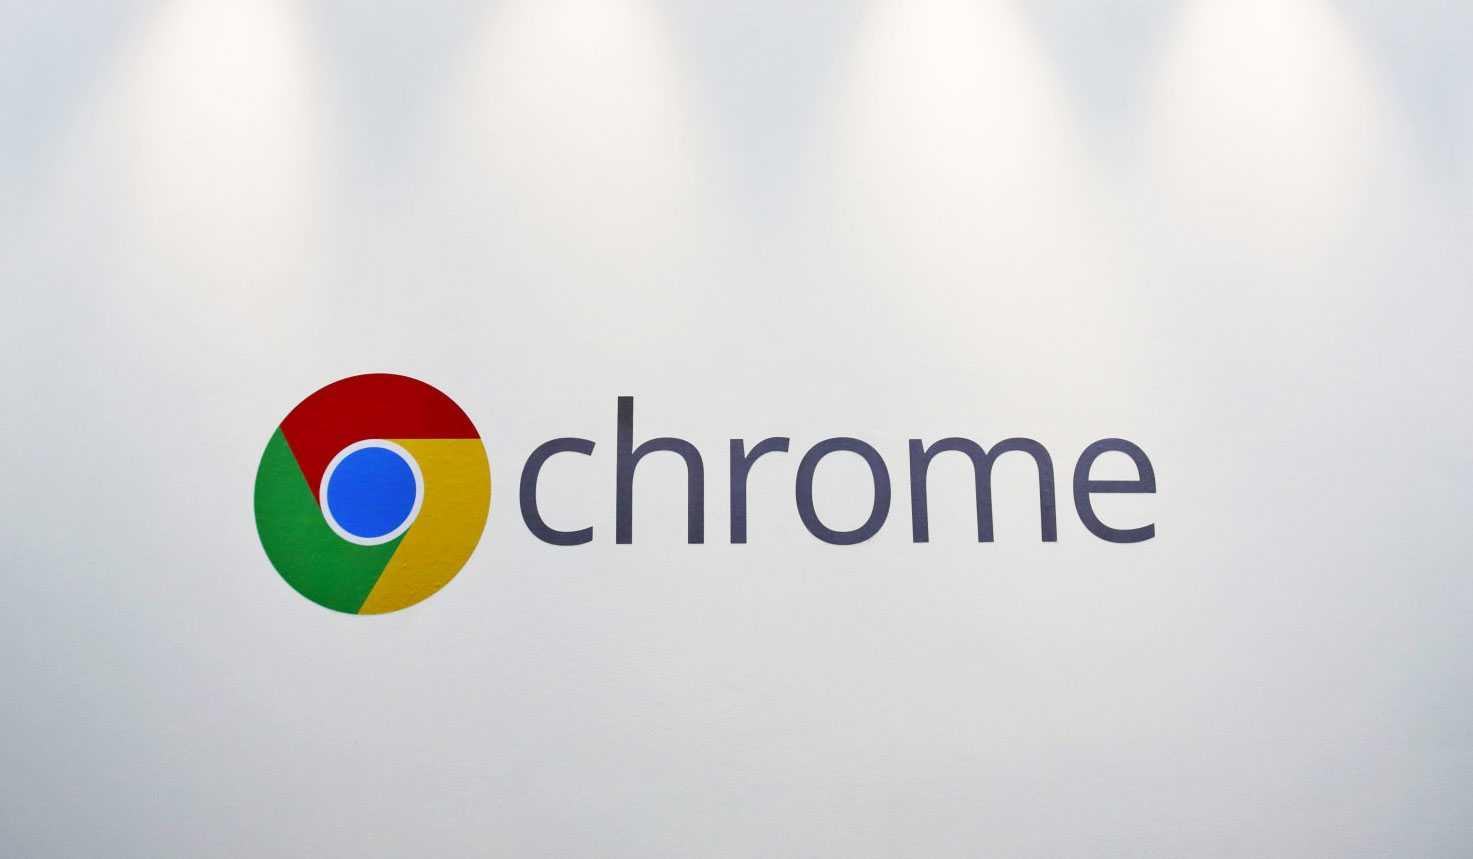 谷歌将停止支持 Chrome OS 以外平台 Chrome 应用-芊雅企服